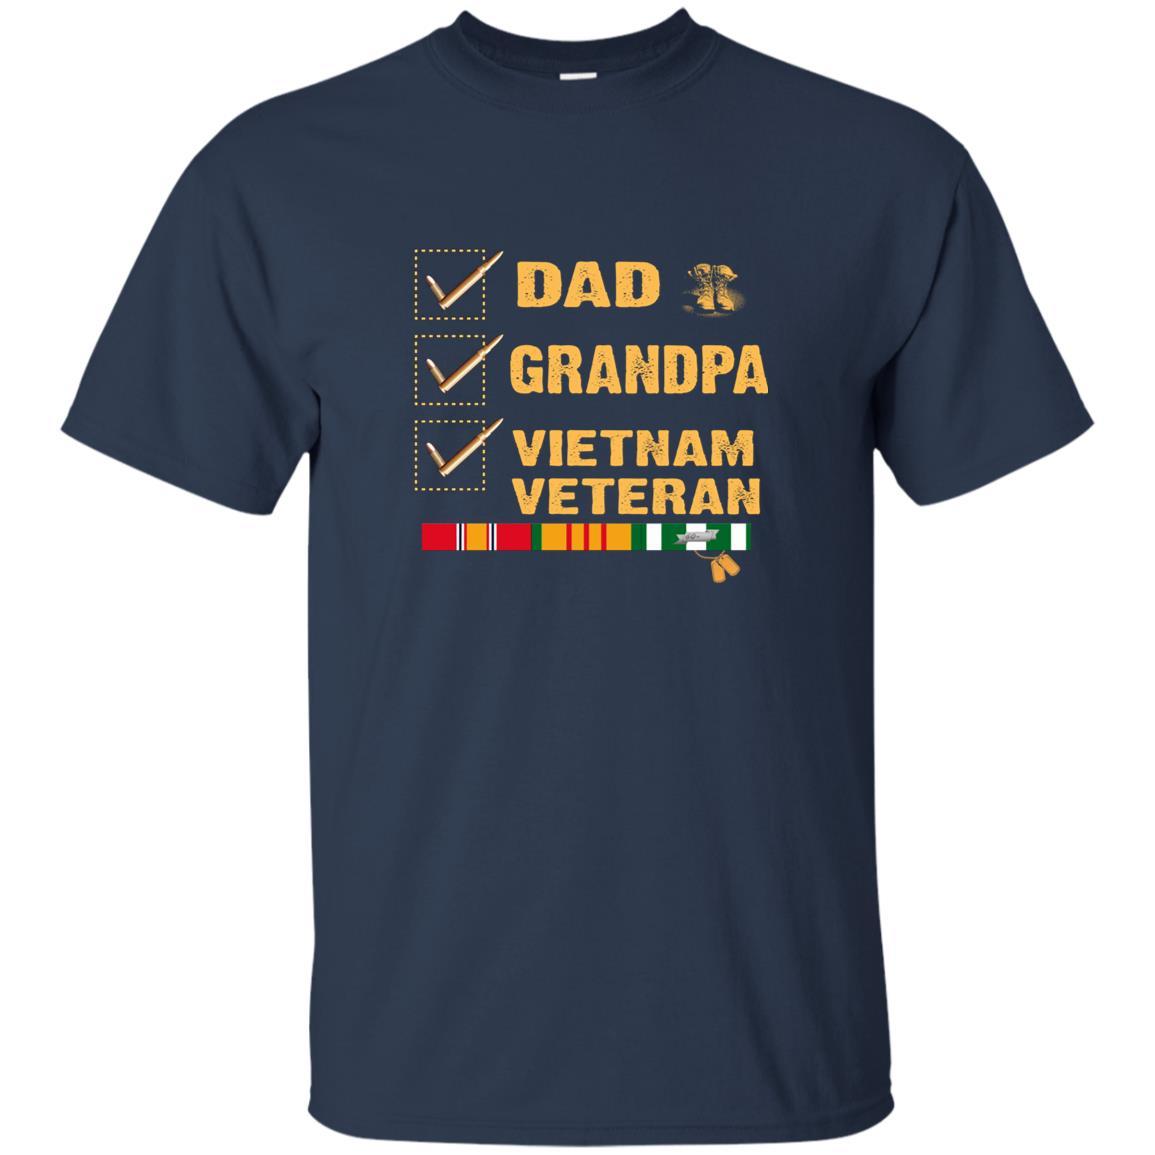 Dad Grandpa Vietnam Veteran Unisex Short Sleeve